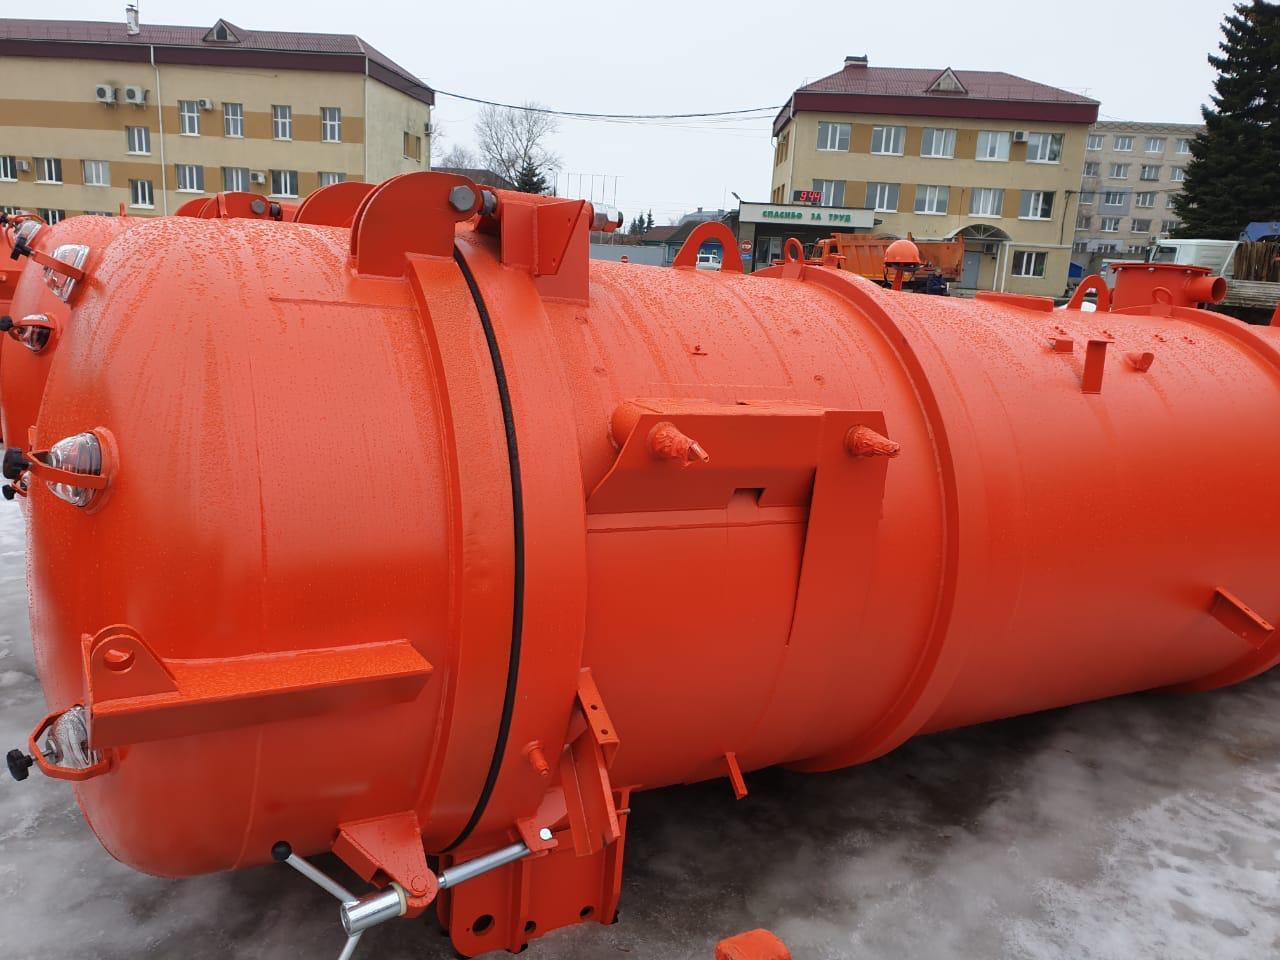 Цистерна КО-507АM.21.01.000